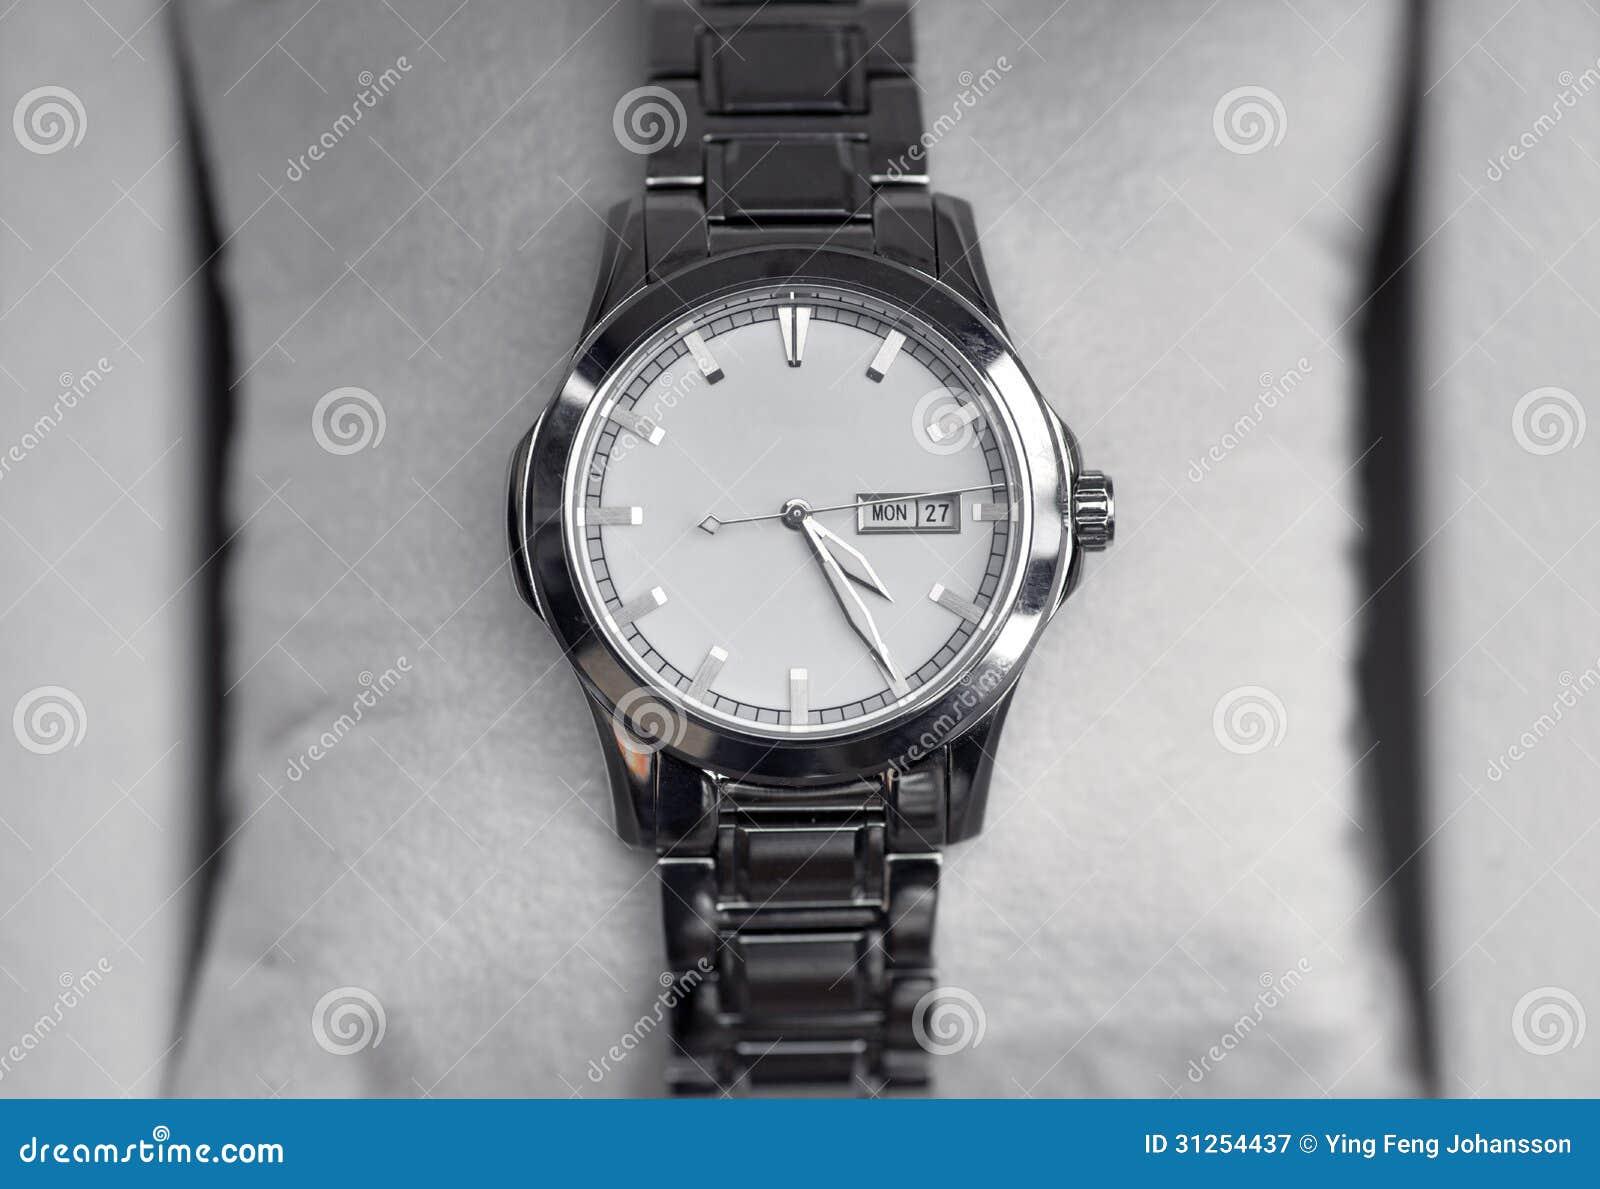 Moderne armbanduhr  Moderne Armbanduhr Lizenzfreie Stockfotografie - Bild: 31254437